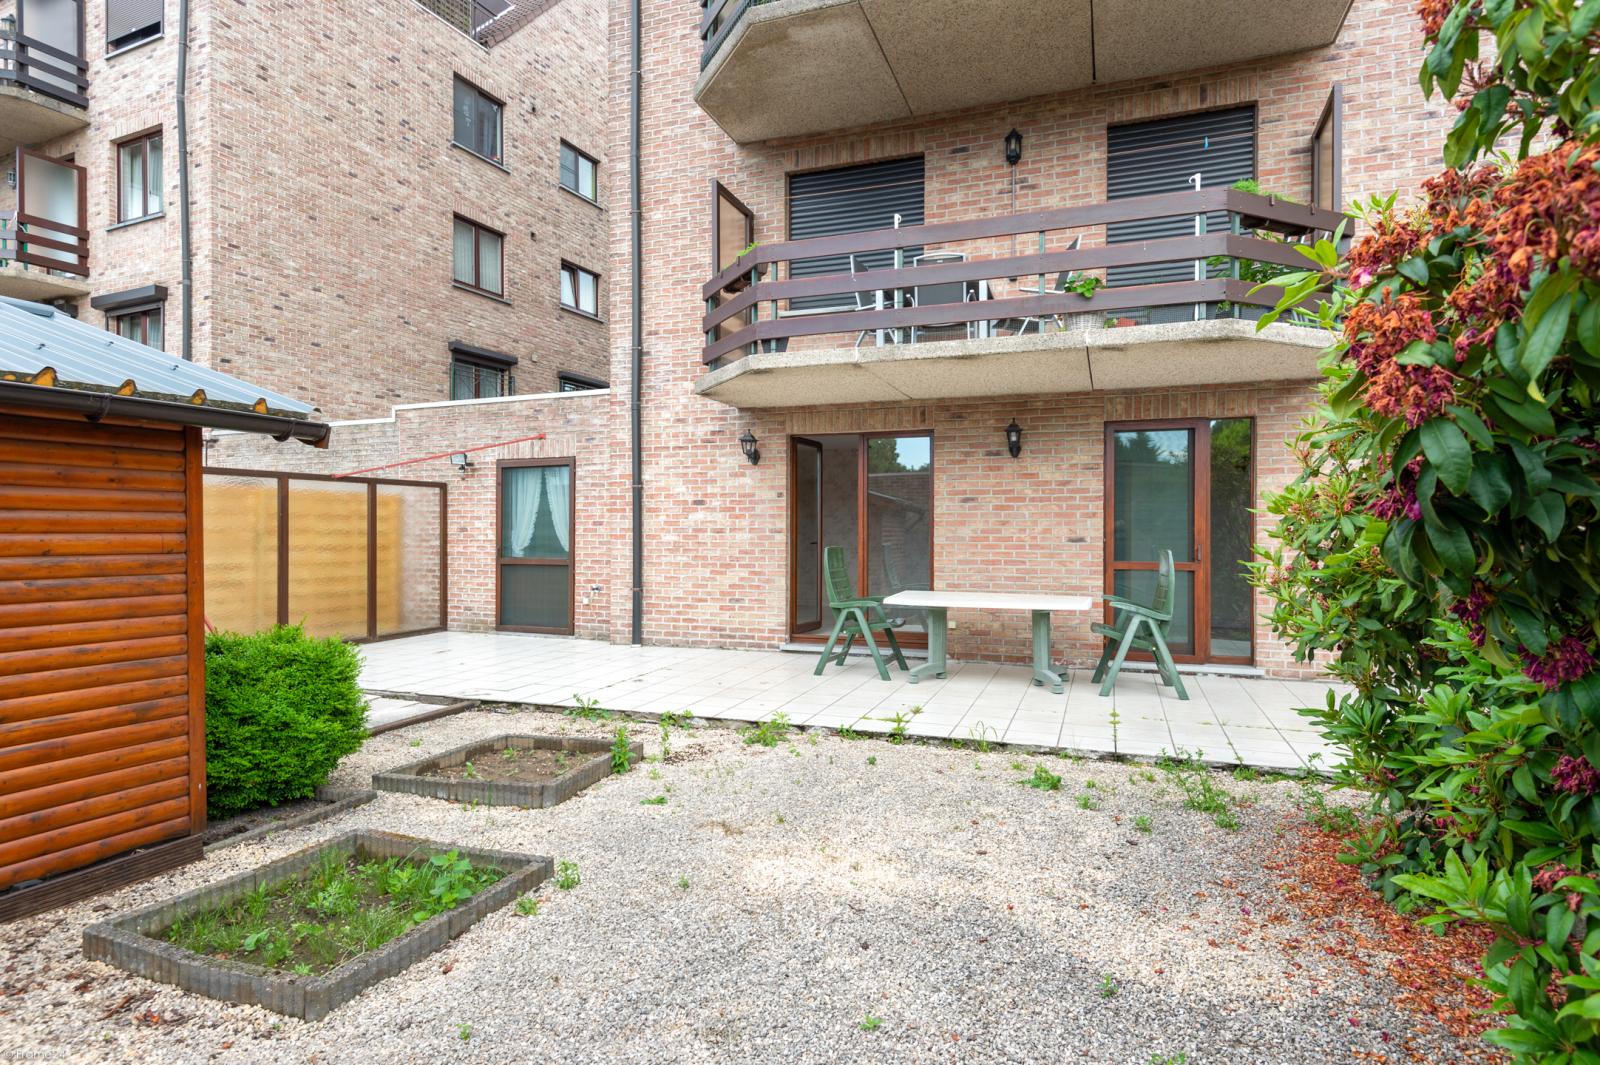 Zeer verzorgd en ruim gelijkvloers appartement (+/- 100m²) met tuin nabij het centrum van Schoten! afbeelding 18